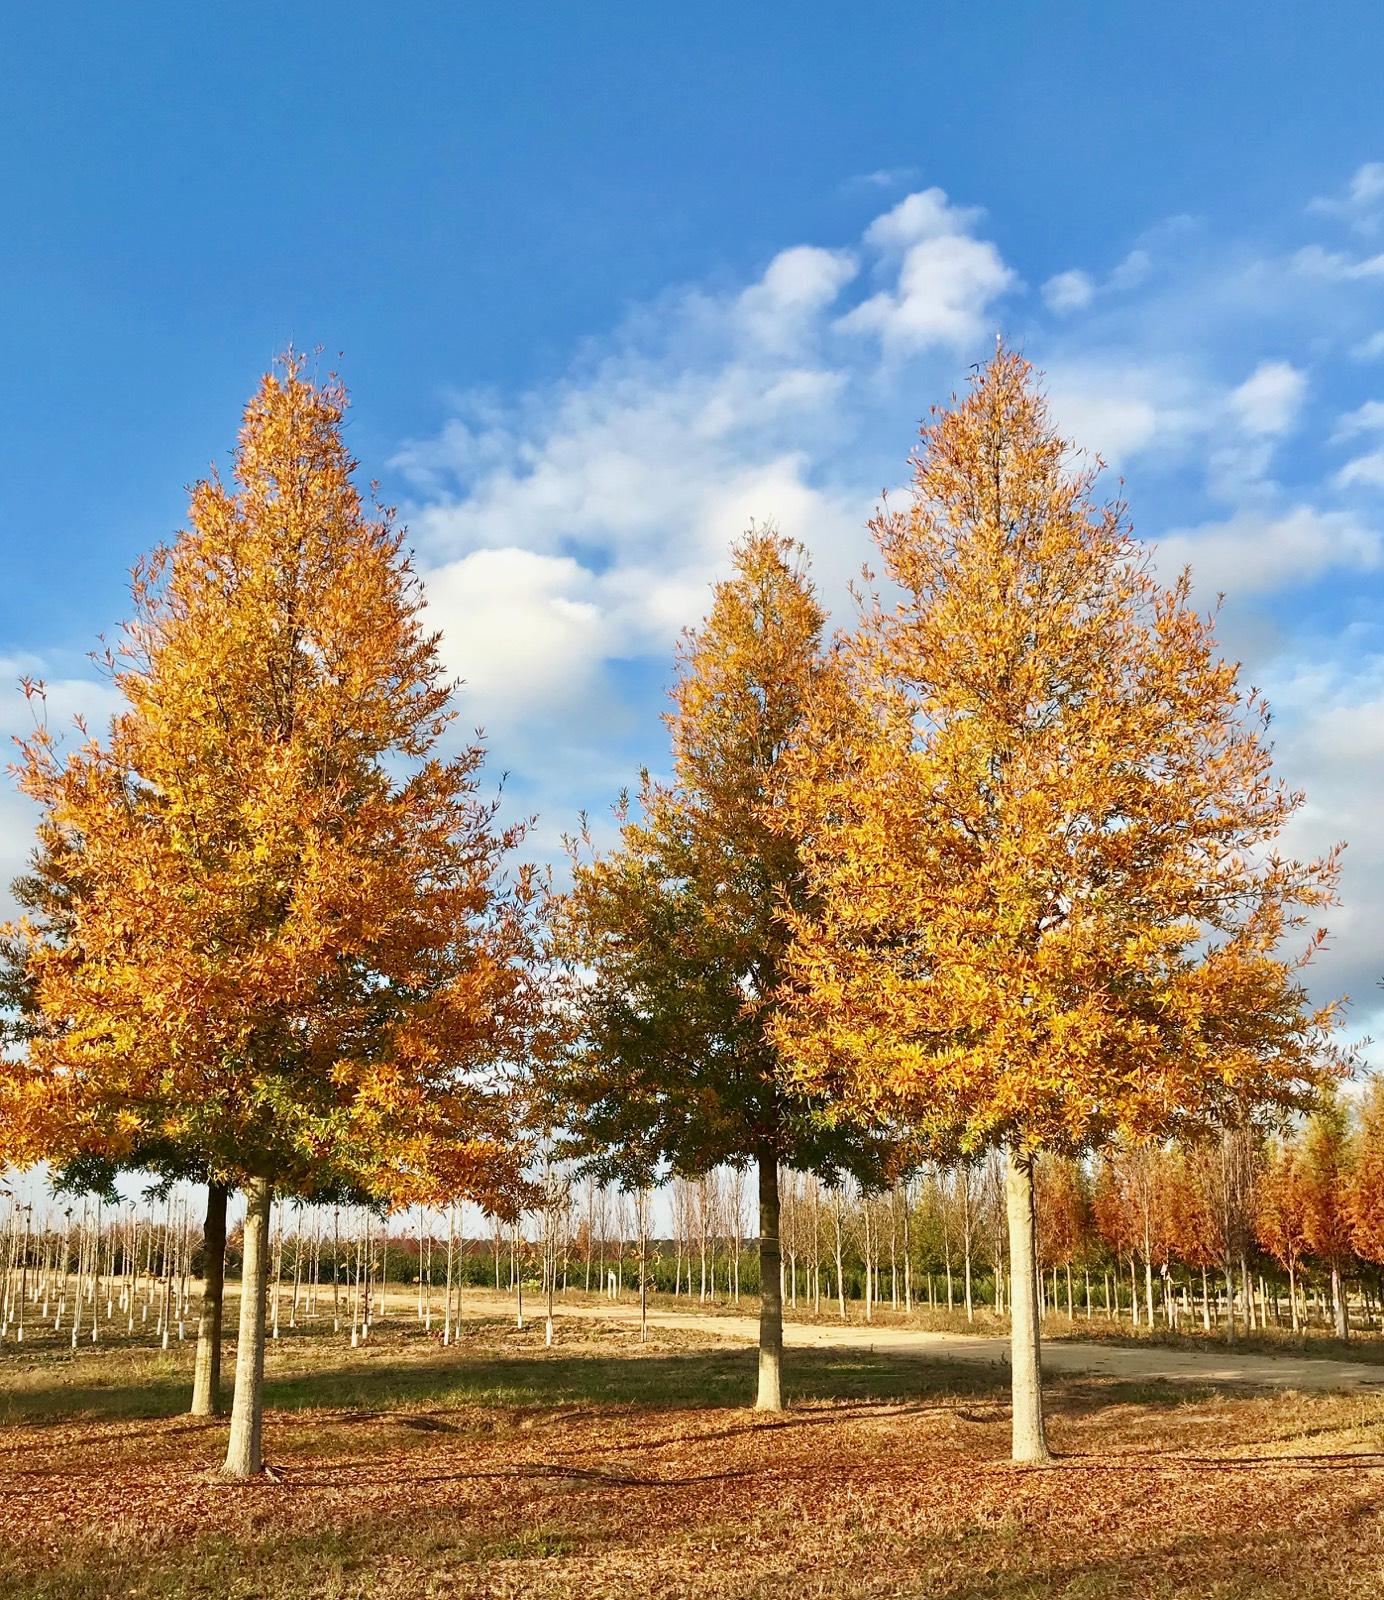 Kingpin-Willow-Oak-Quercus-phellos-fall-color-row.jpg